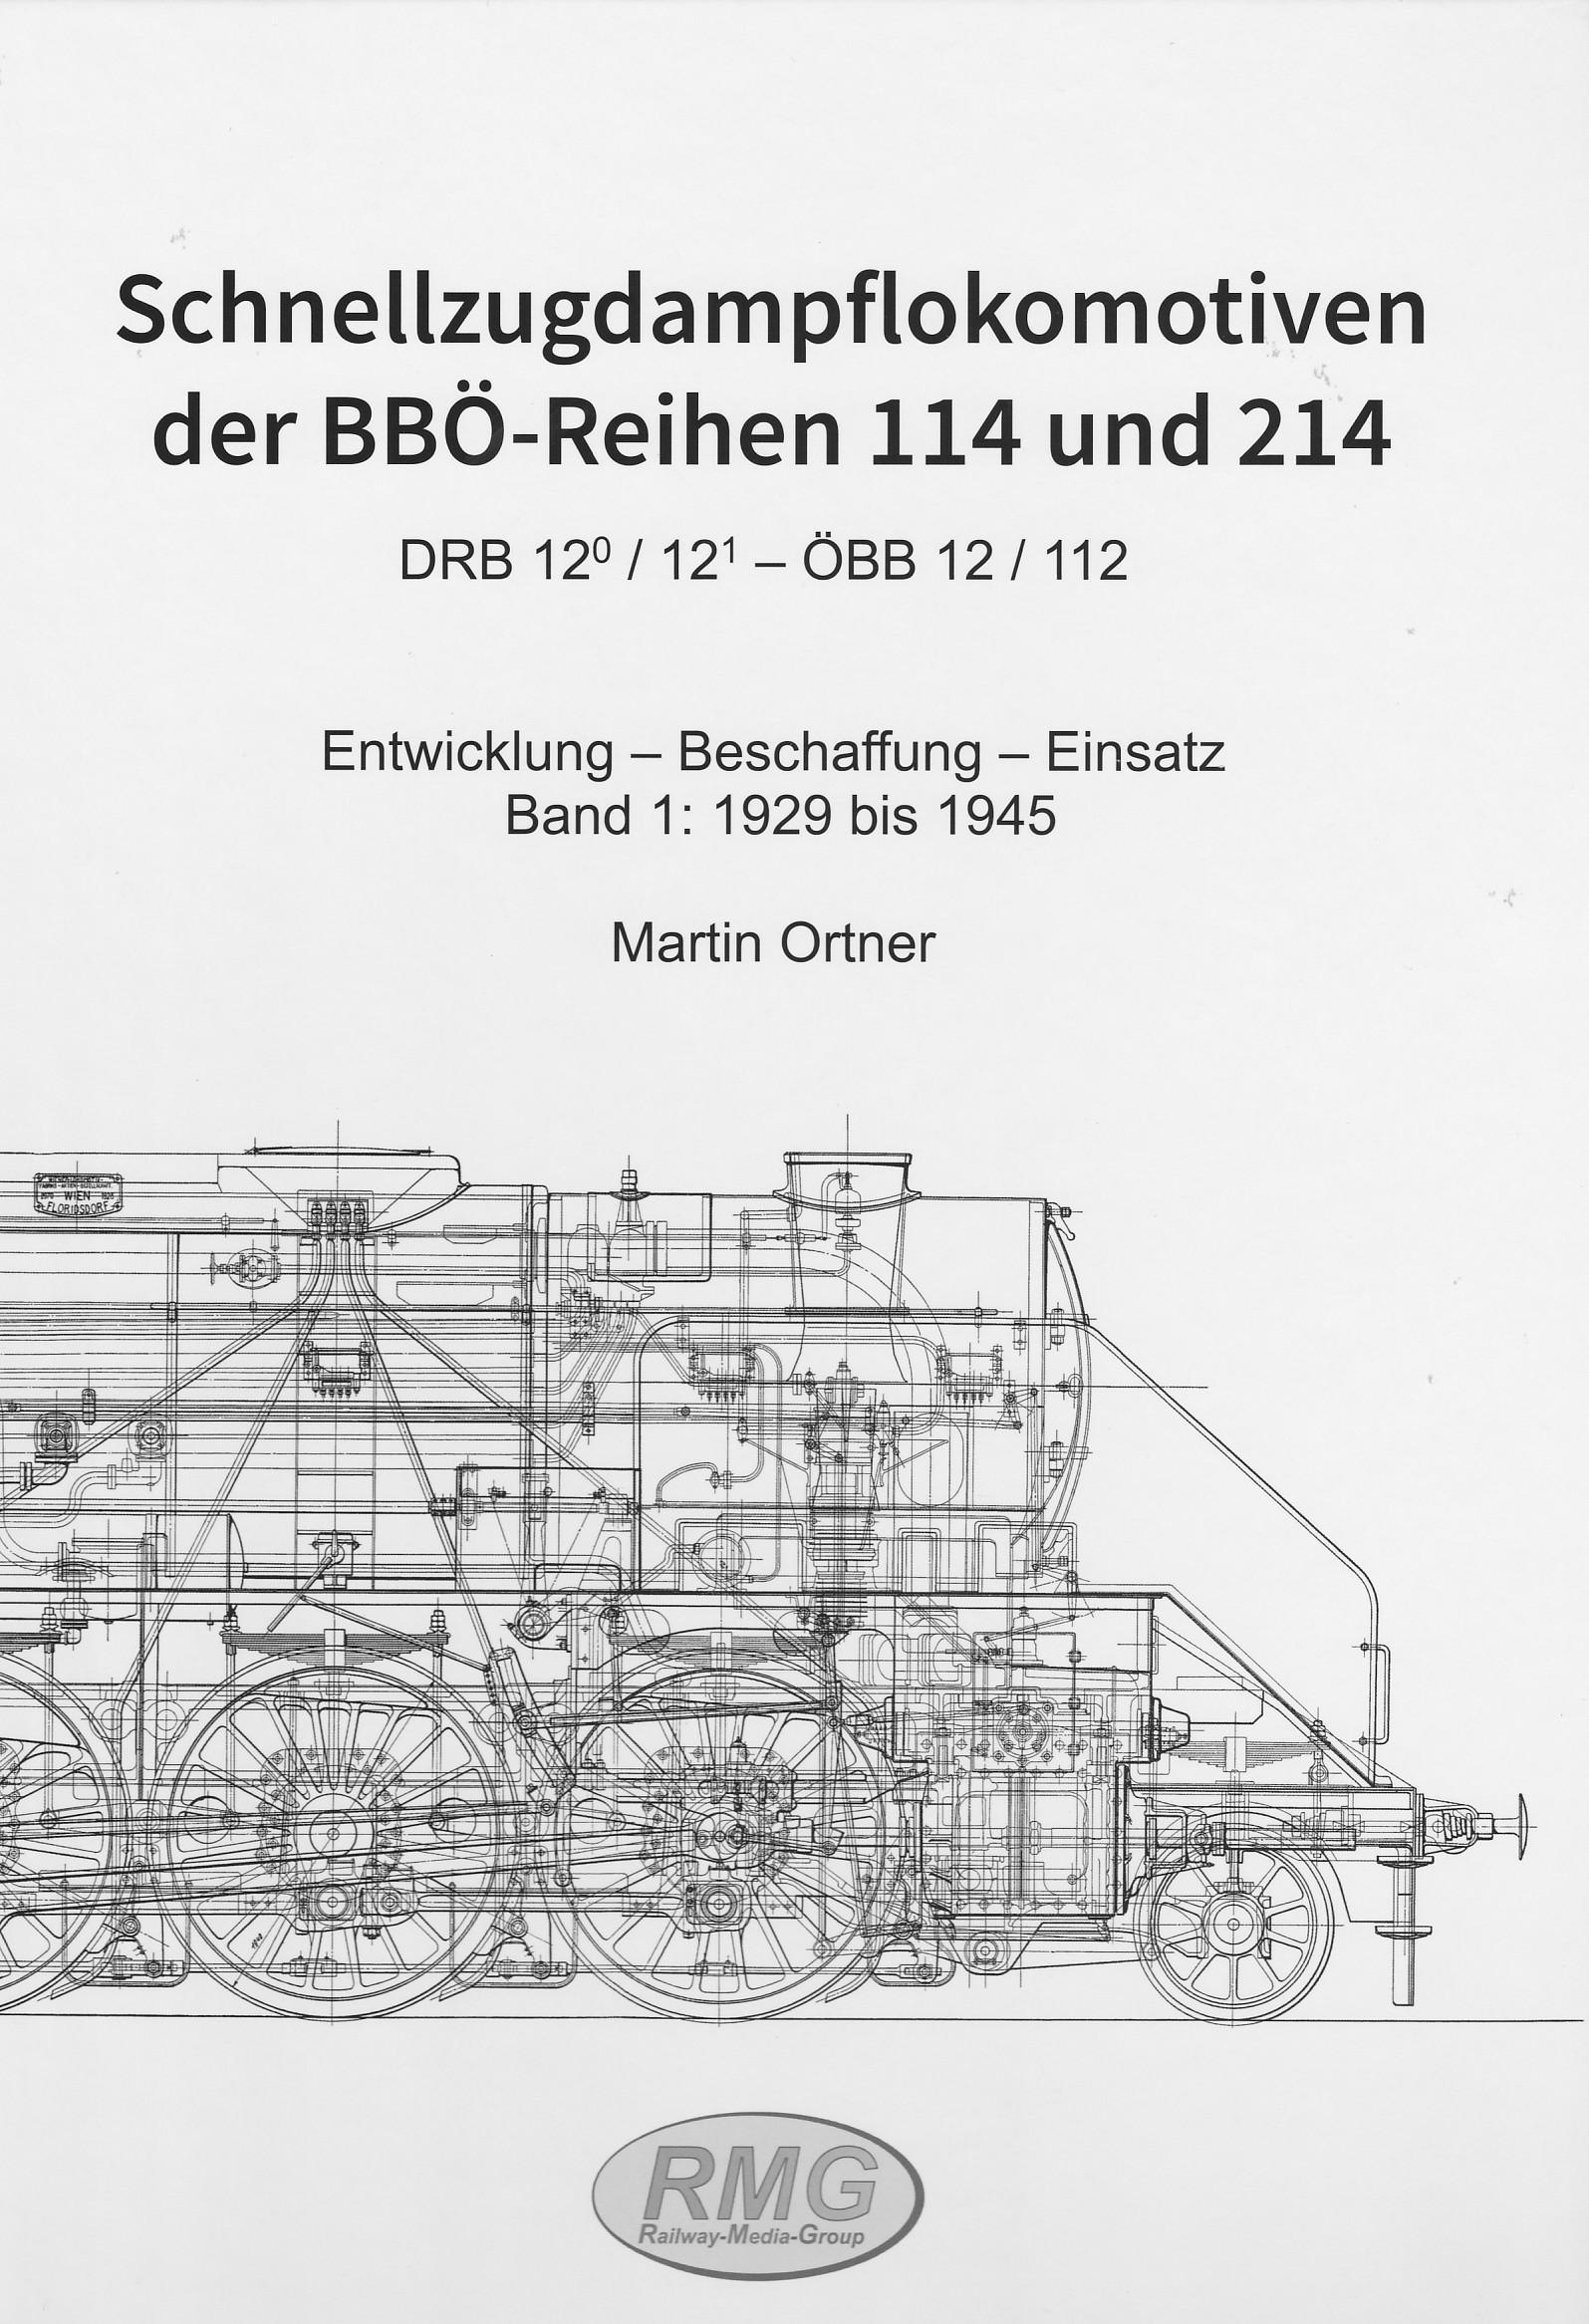 Schnellzugdampflokomotiven der BBÖ-Reihen 114 und 214